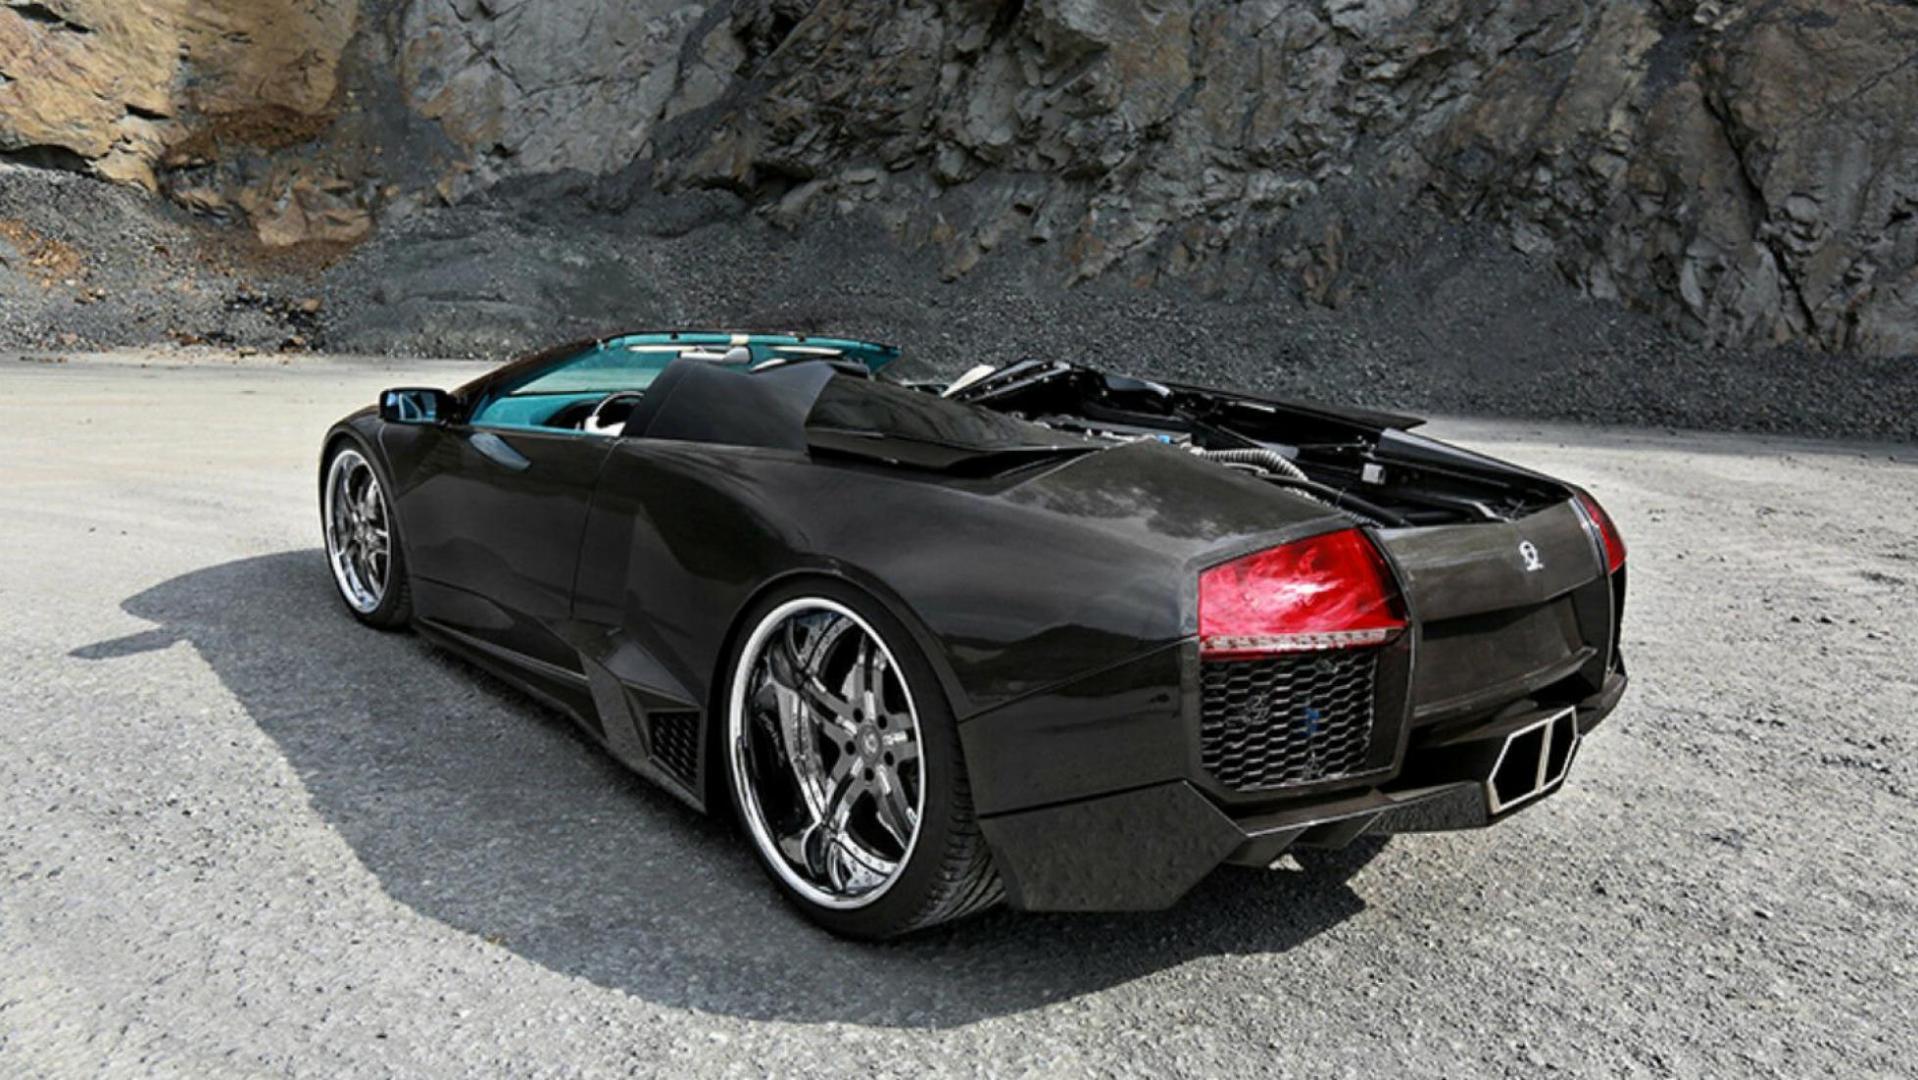 Lamborghini Murciélago linkerkant